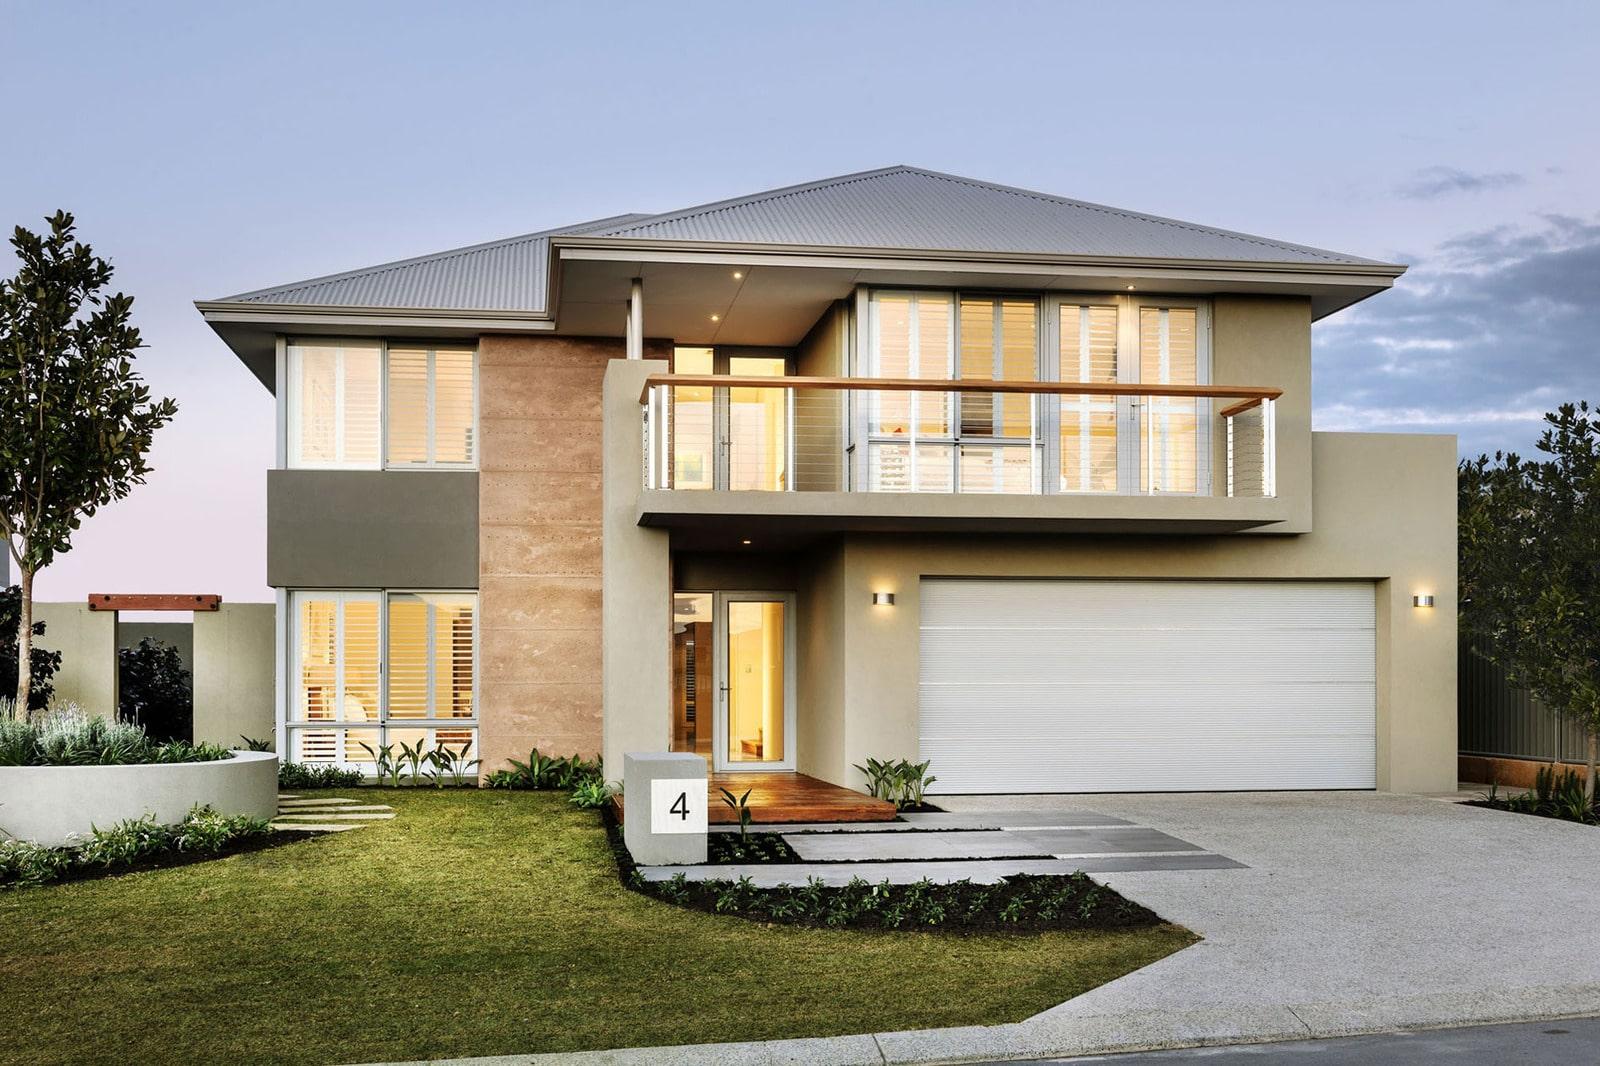 Dise o de casa moderna de dos pisos fachada e interiores - Disenos para casas modernas ...